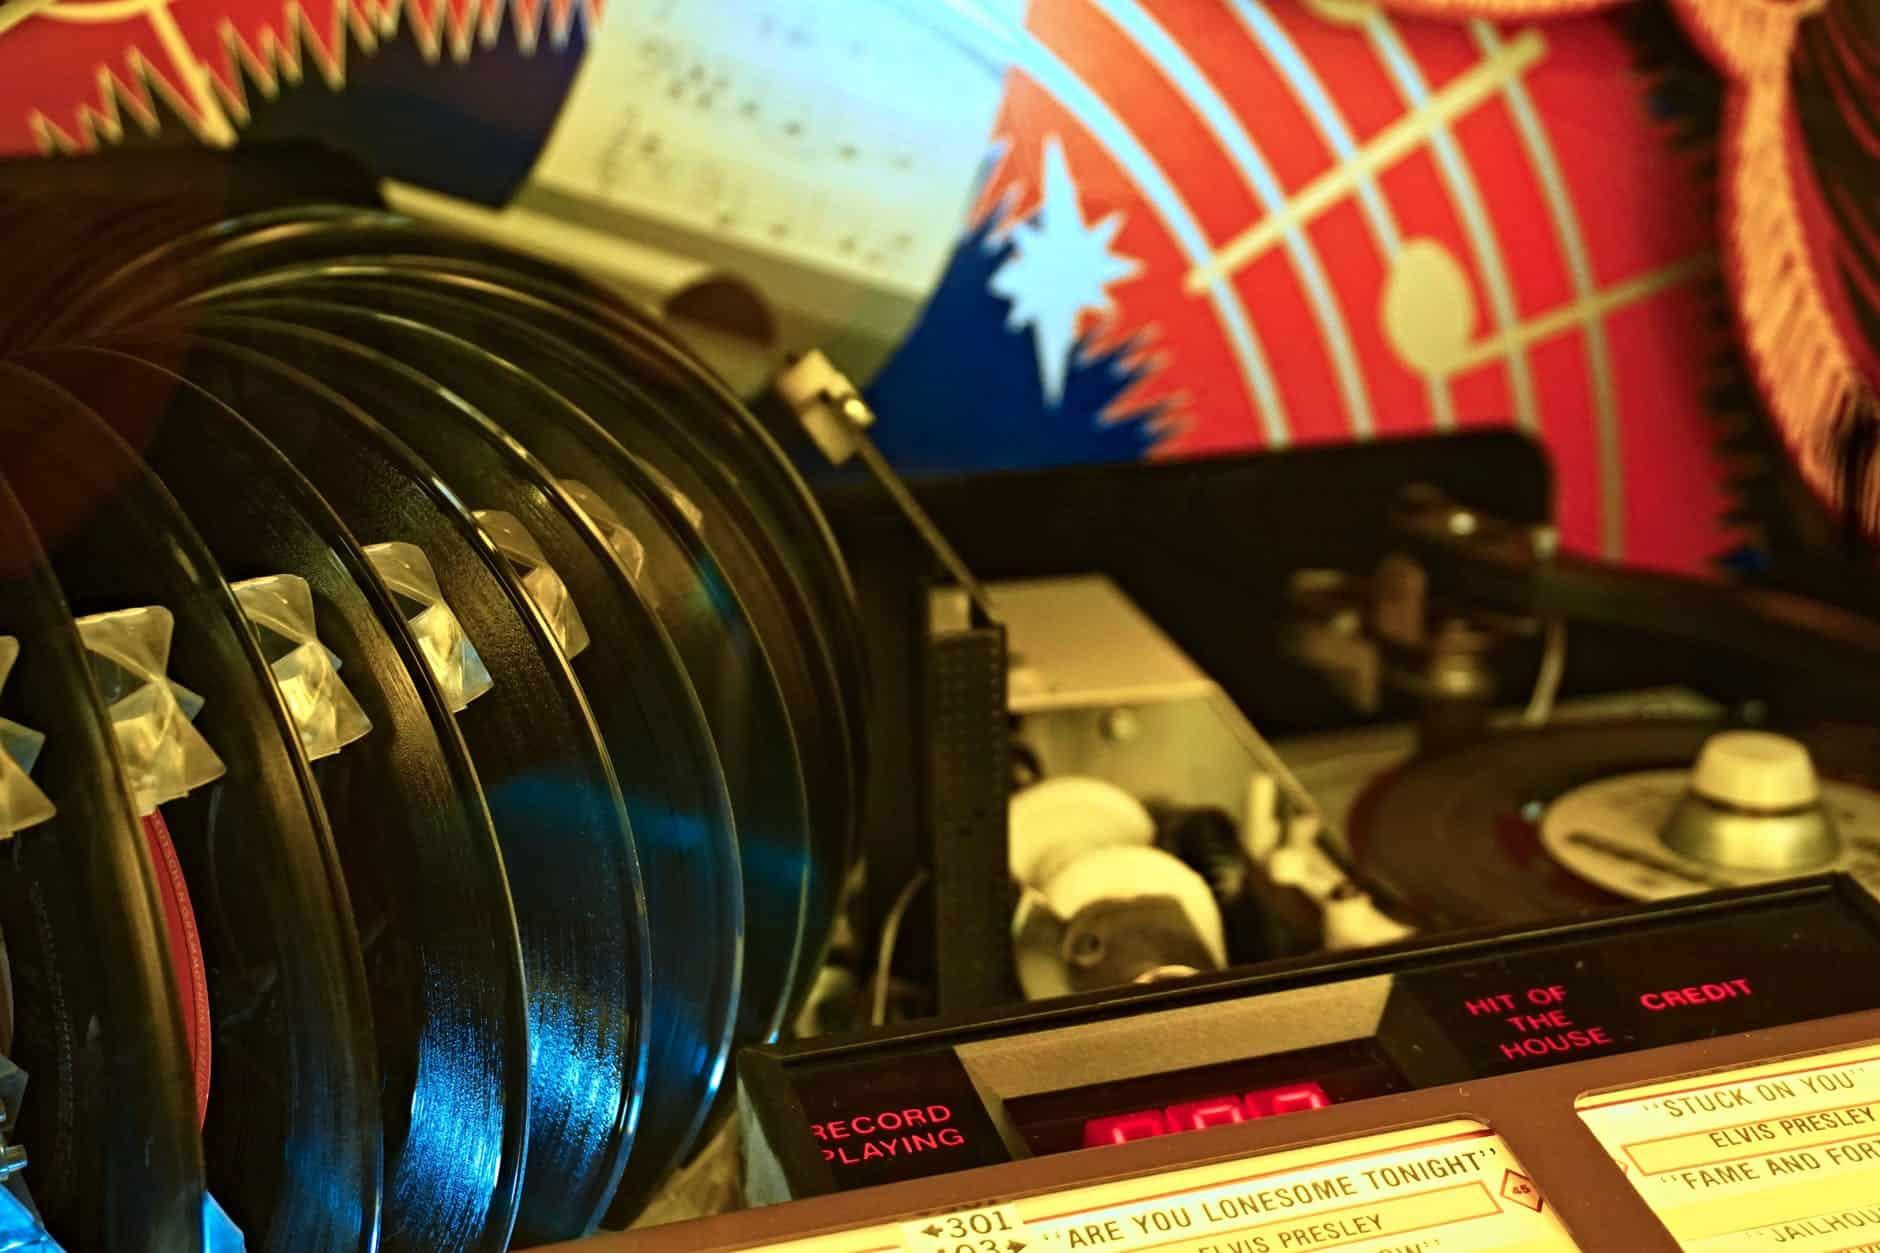 CD vinyle Elvis